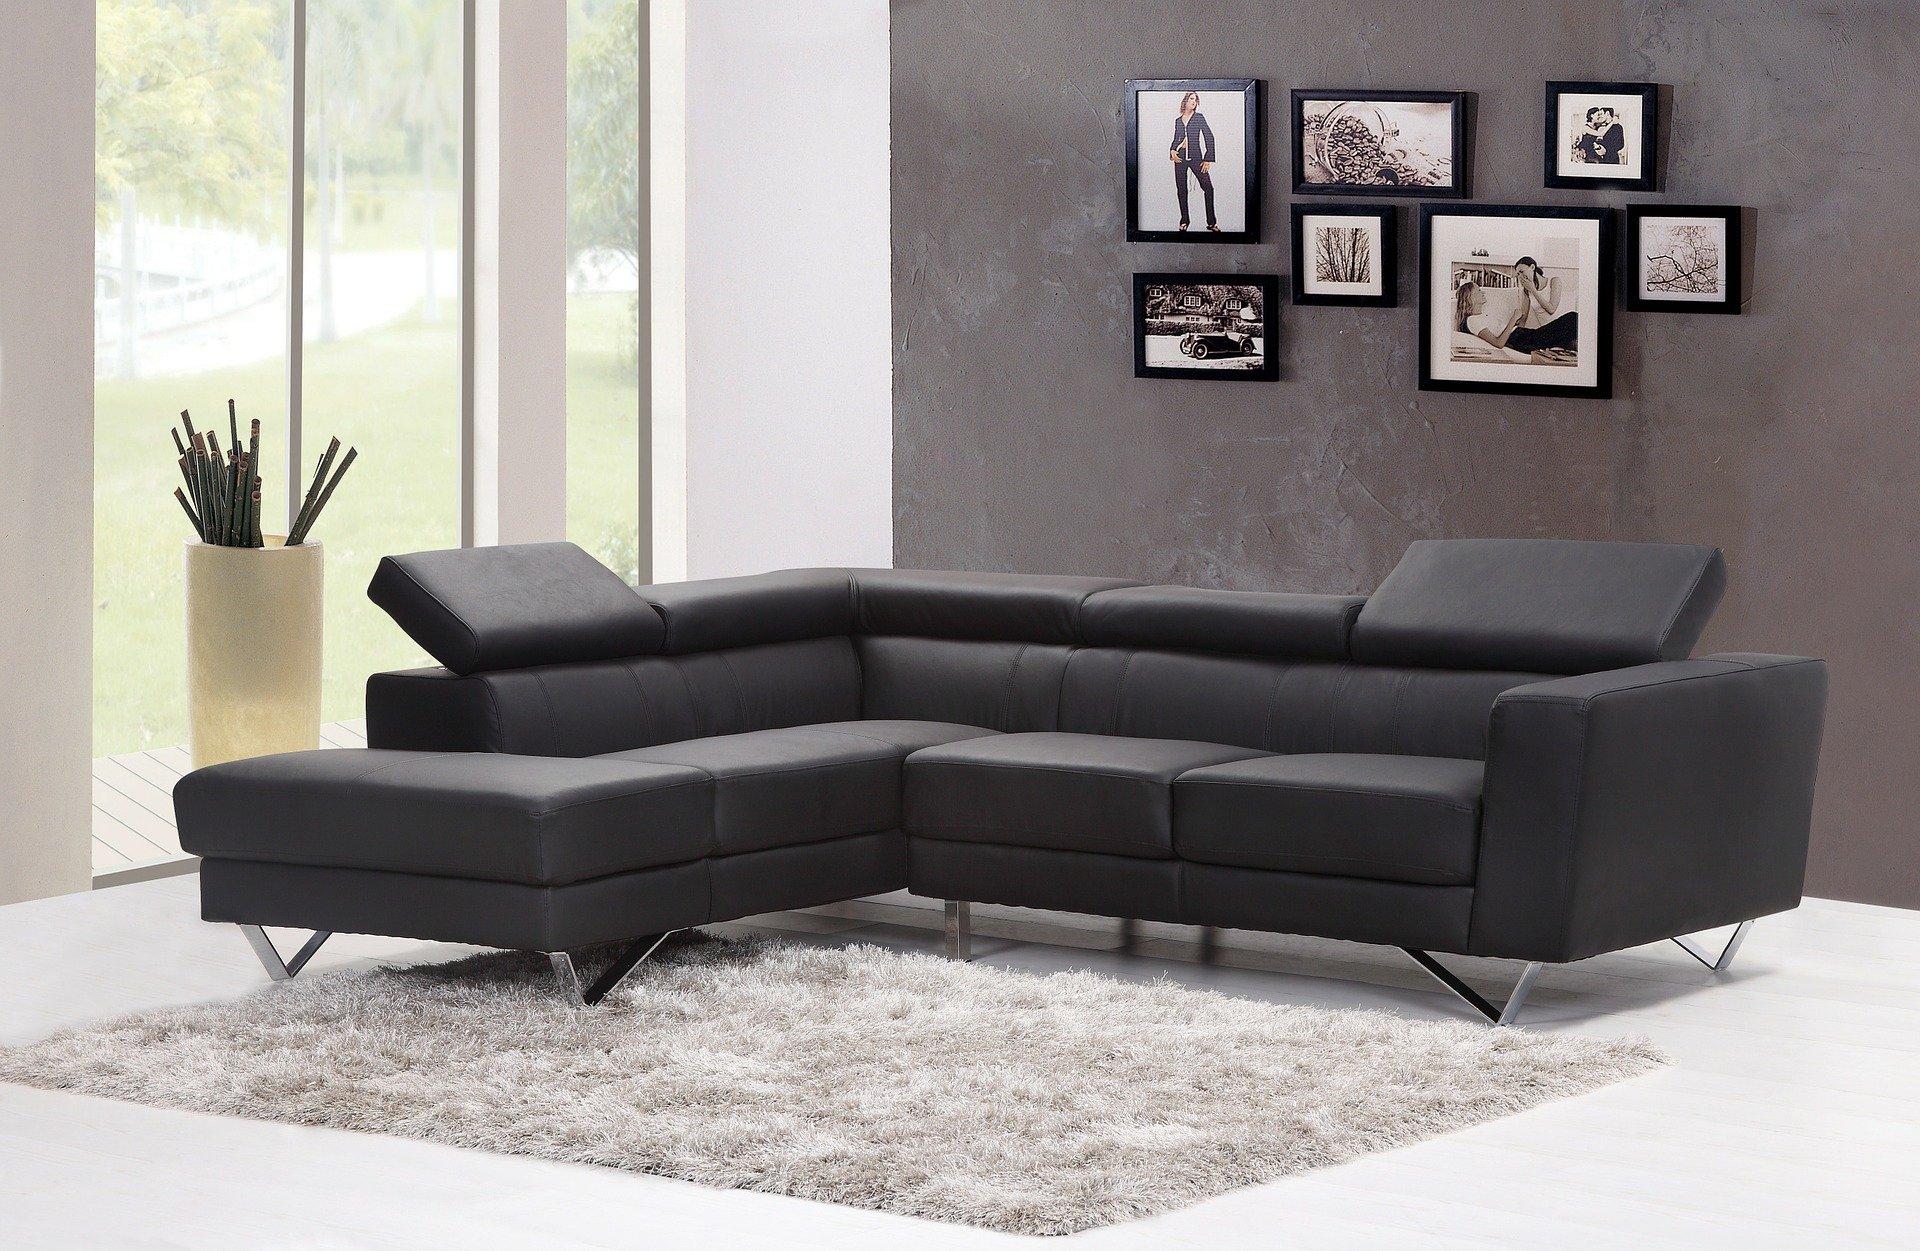 Warna Sofa Lama Menjadi Warna Sofa Terbaru